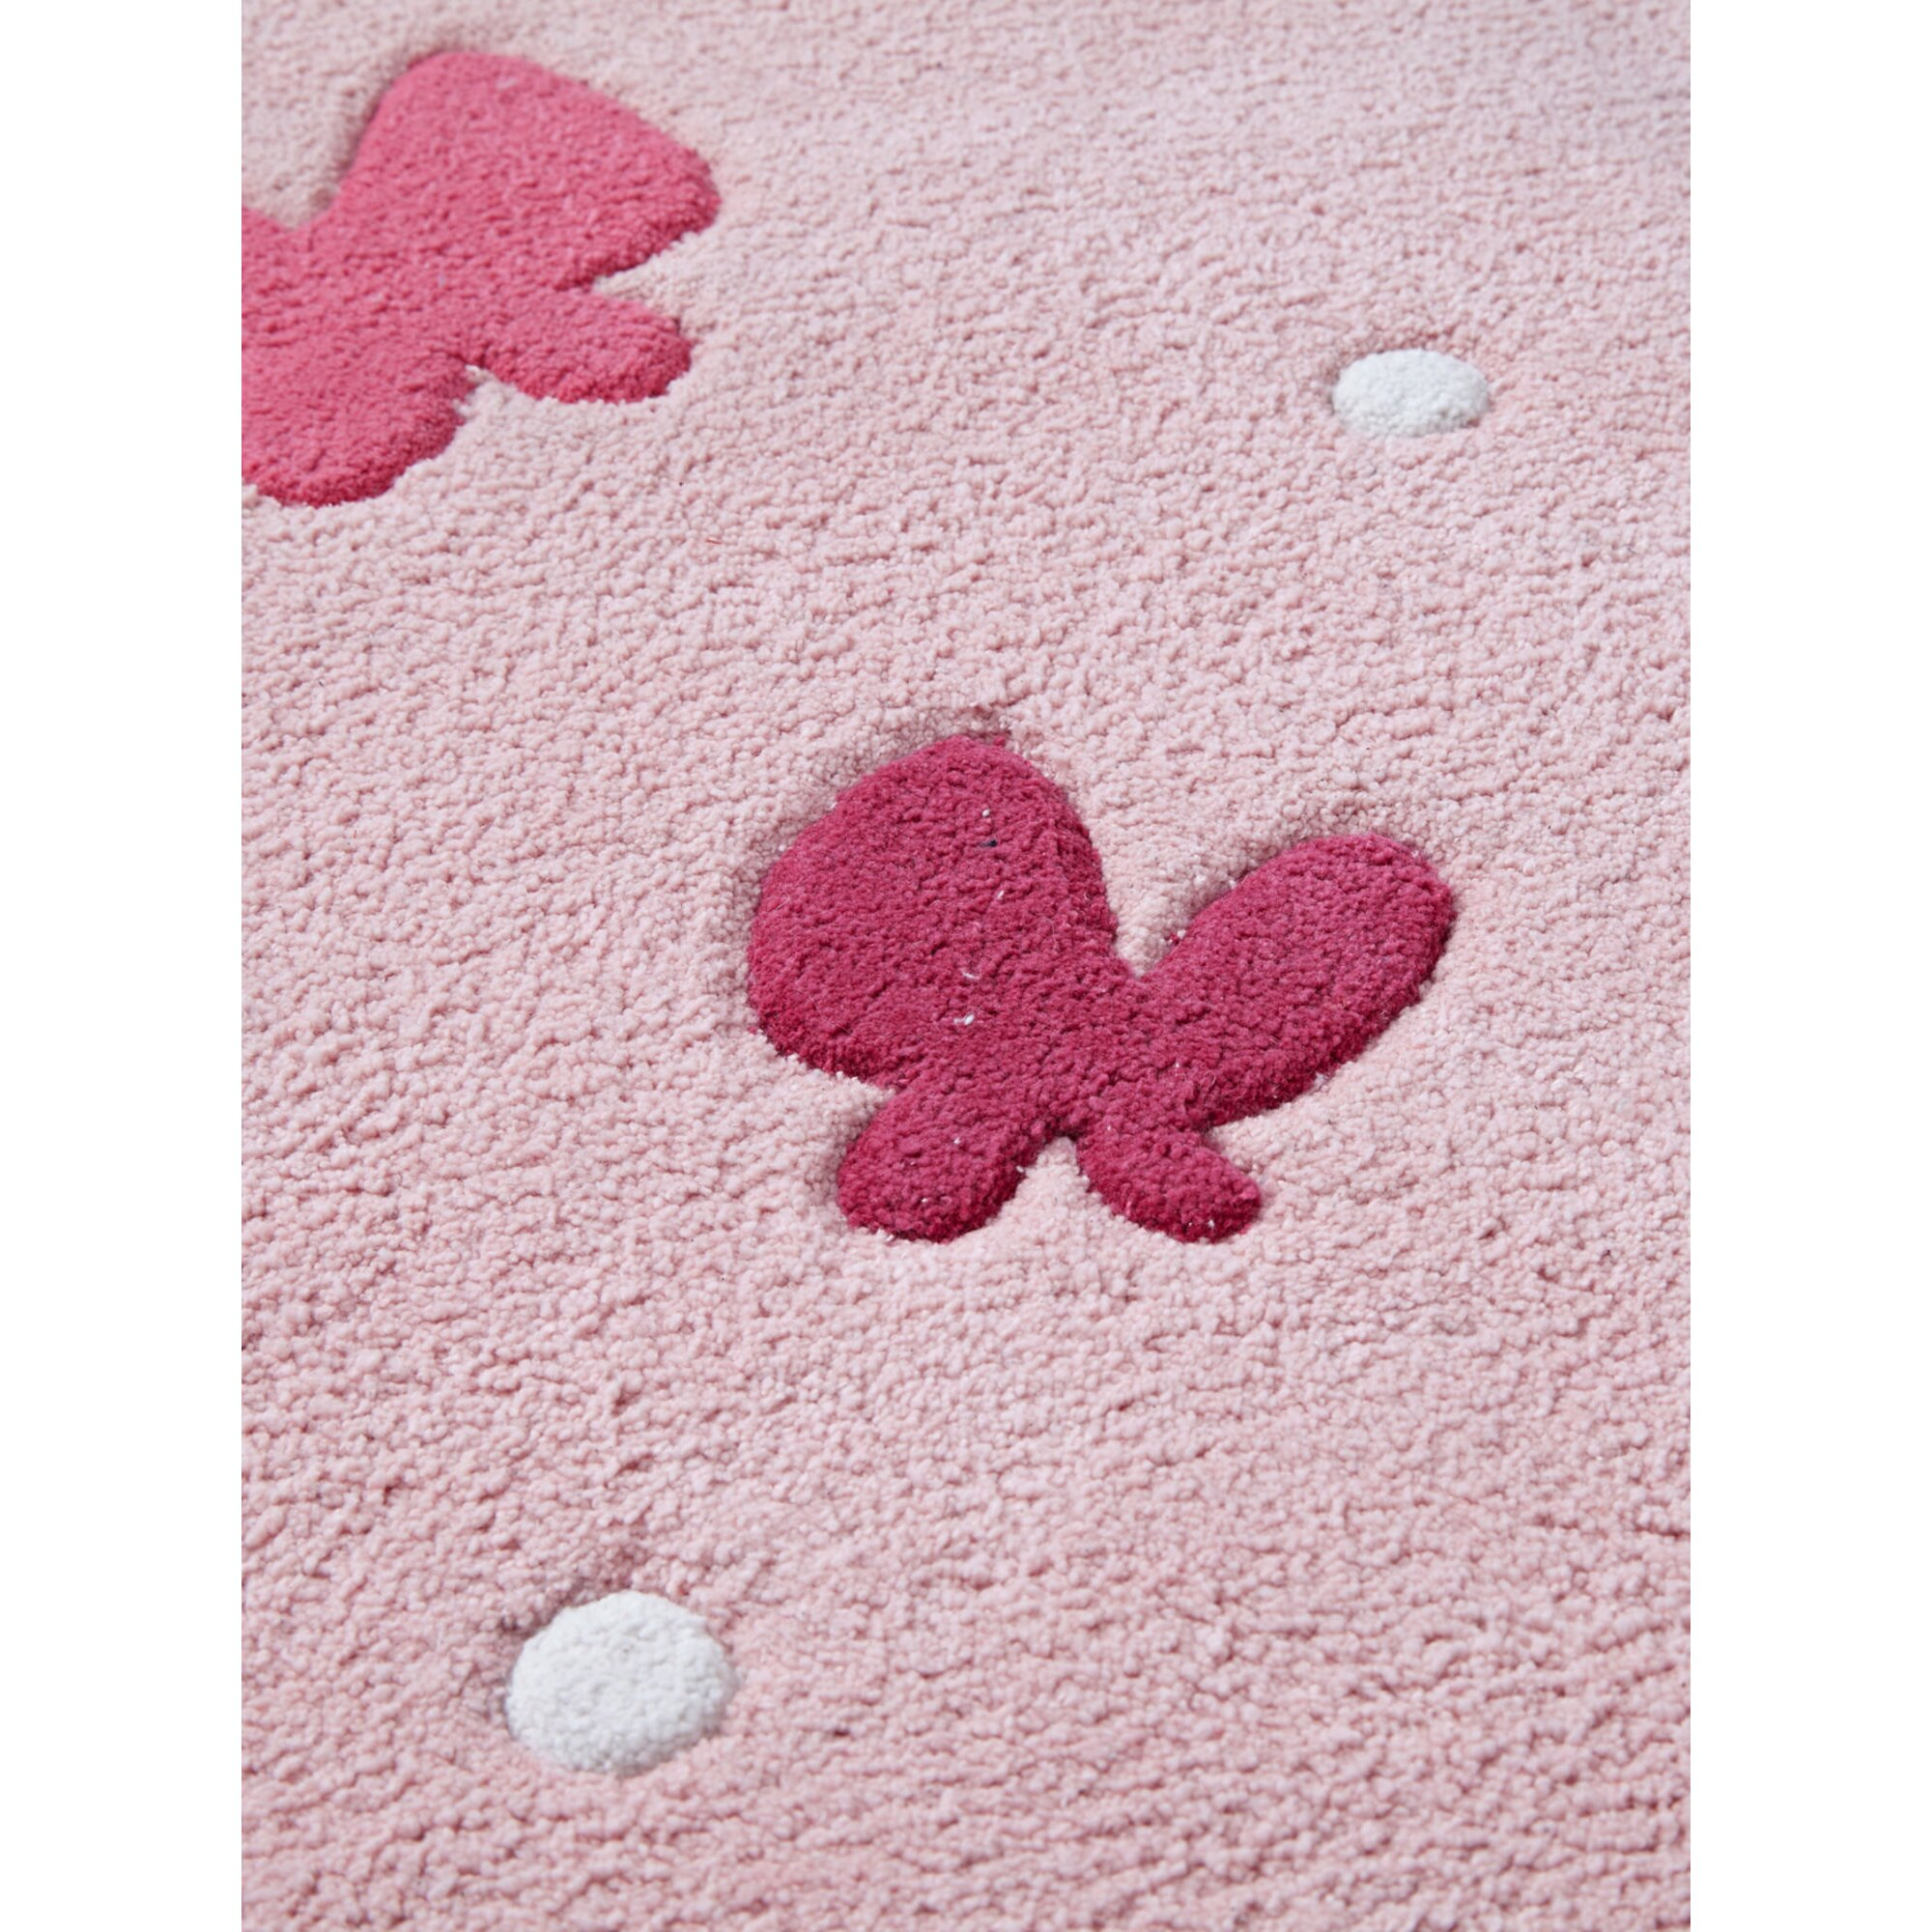 vertbaudet-kinderzimmer-teppich-schmetterlinge-rosa, 69.99 EUR @ babywalz-de